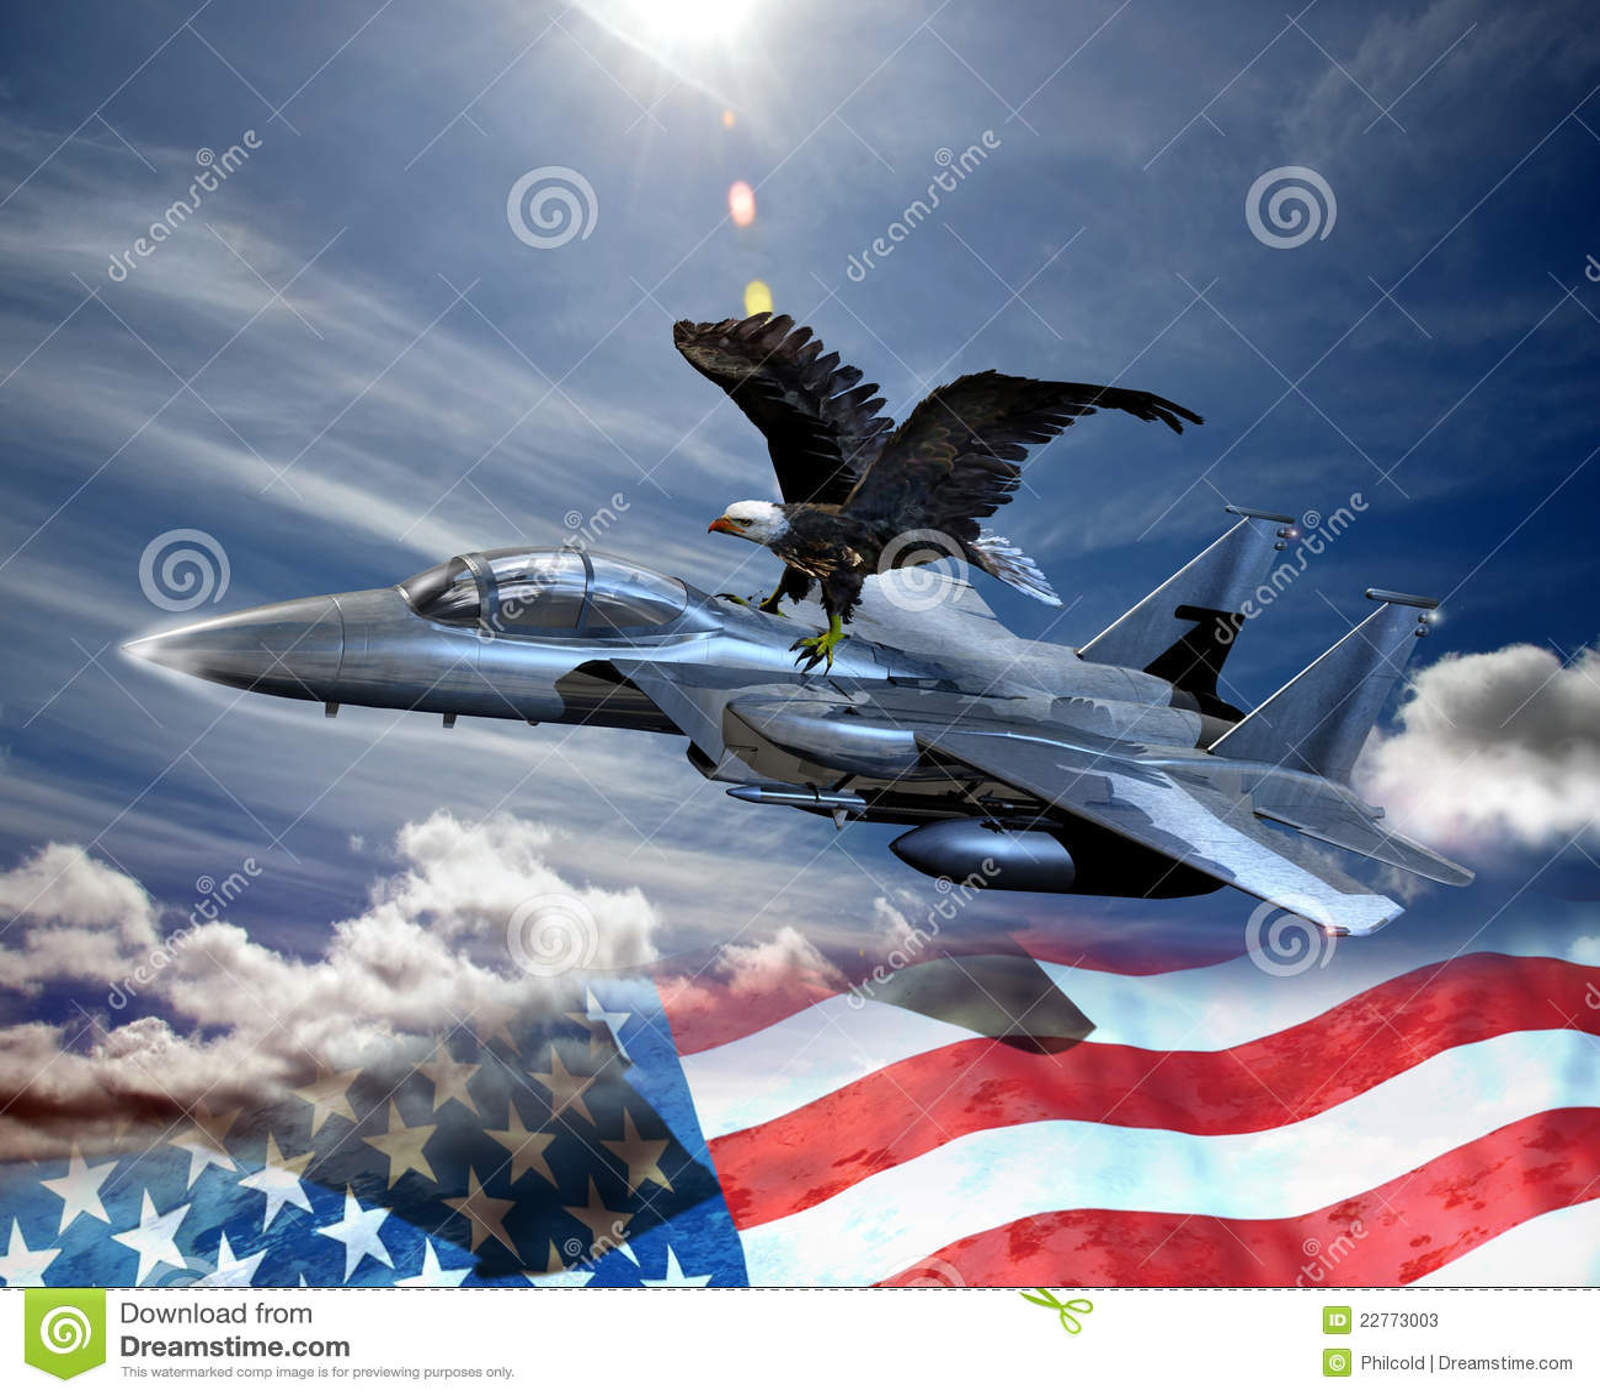 老鹰战斗机